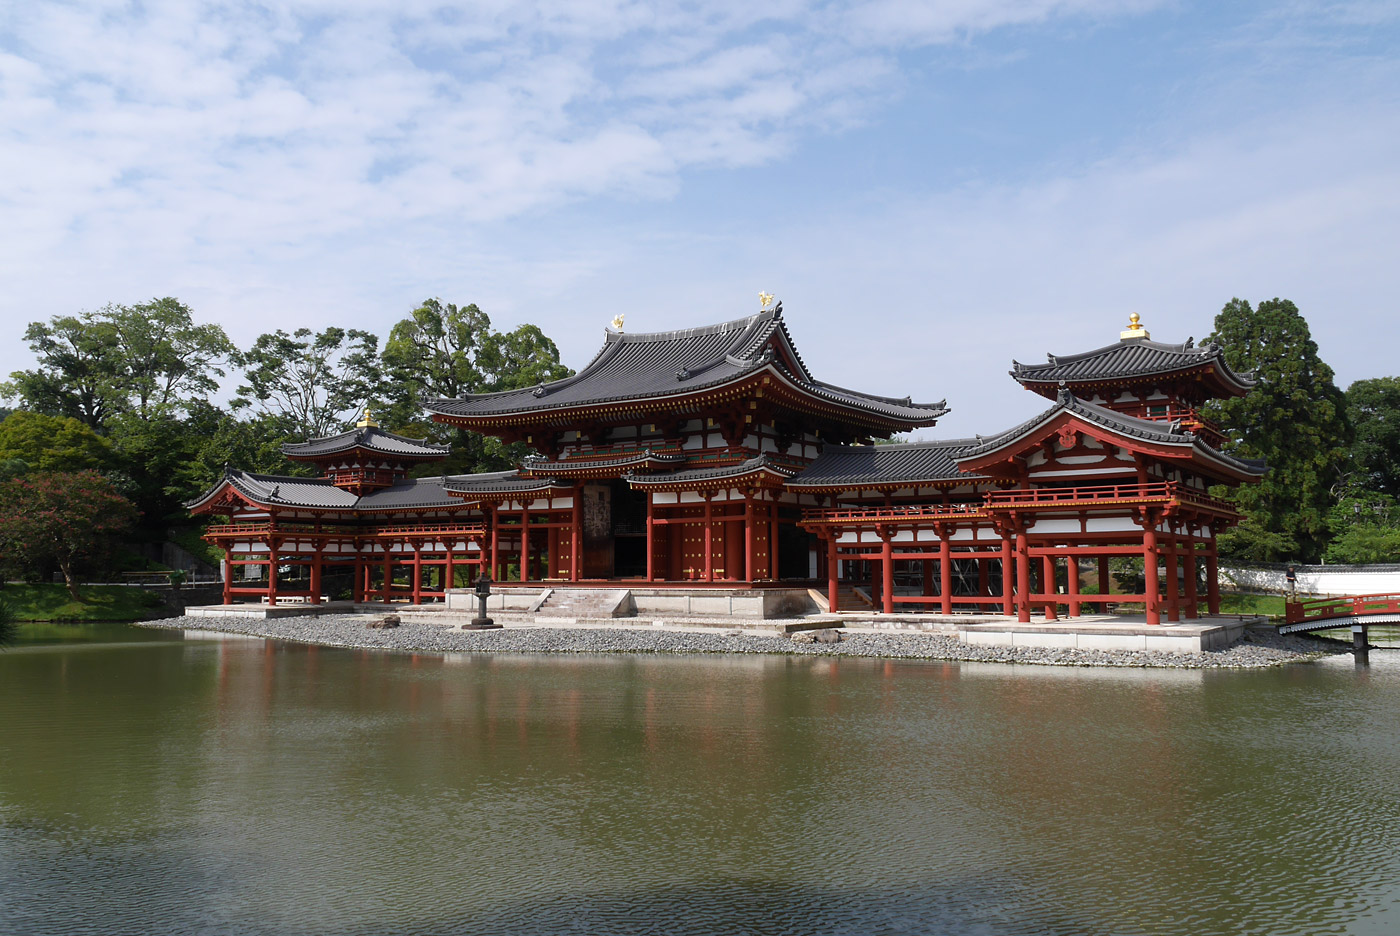 平等院と姫路城、創建時の姿に酔いしれる